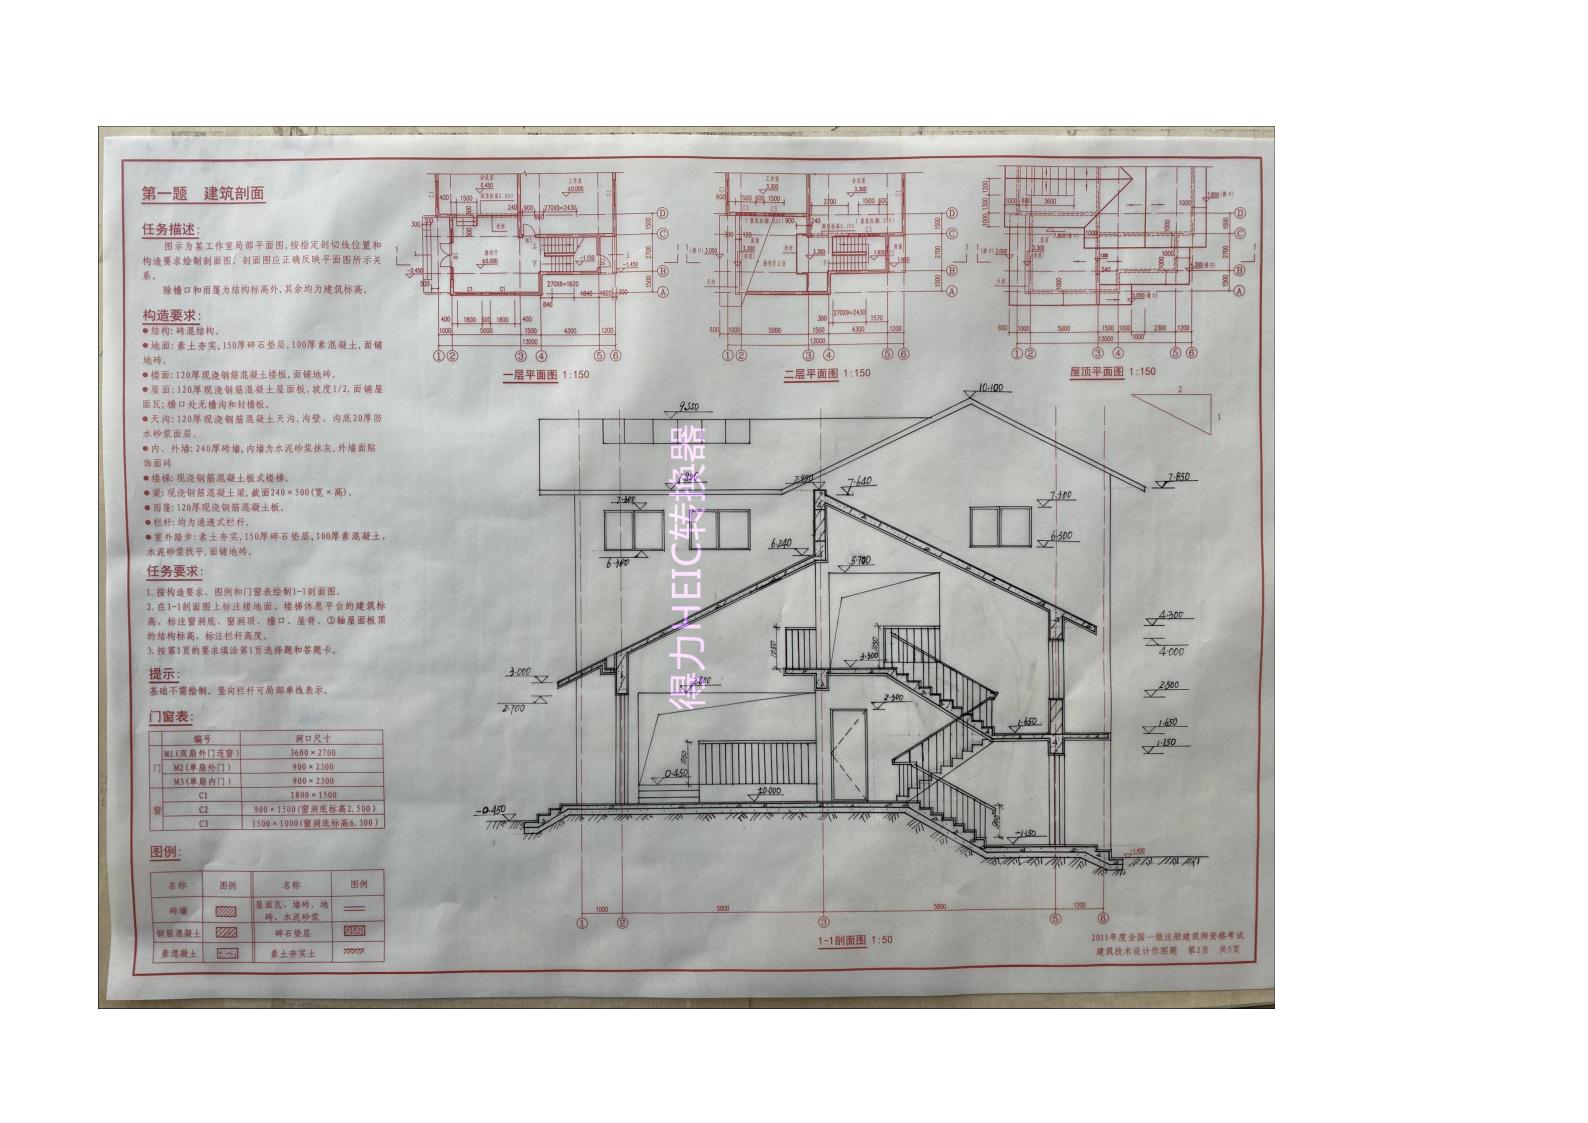 2011年一级建筑师考试技术作图高分试卷整理-图二